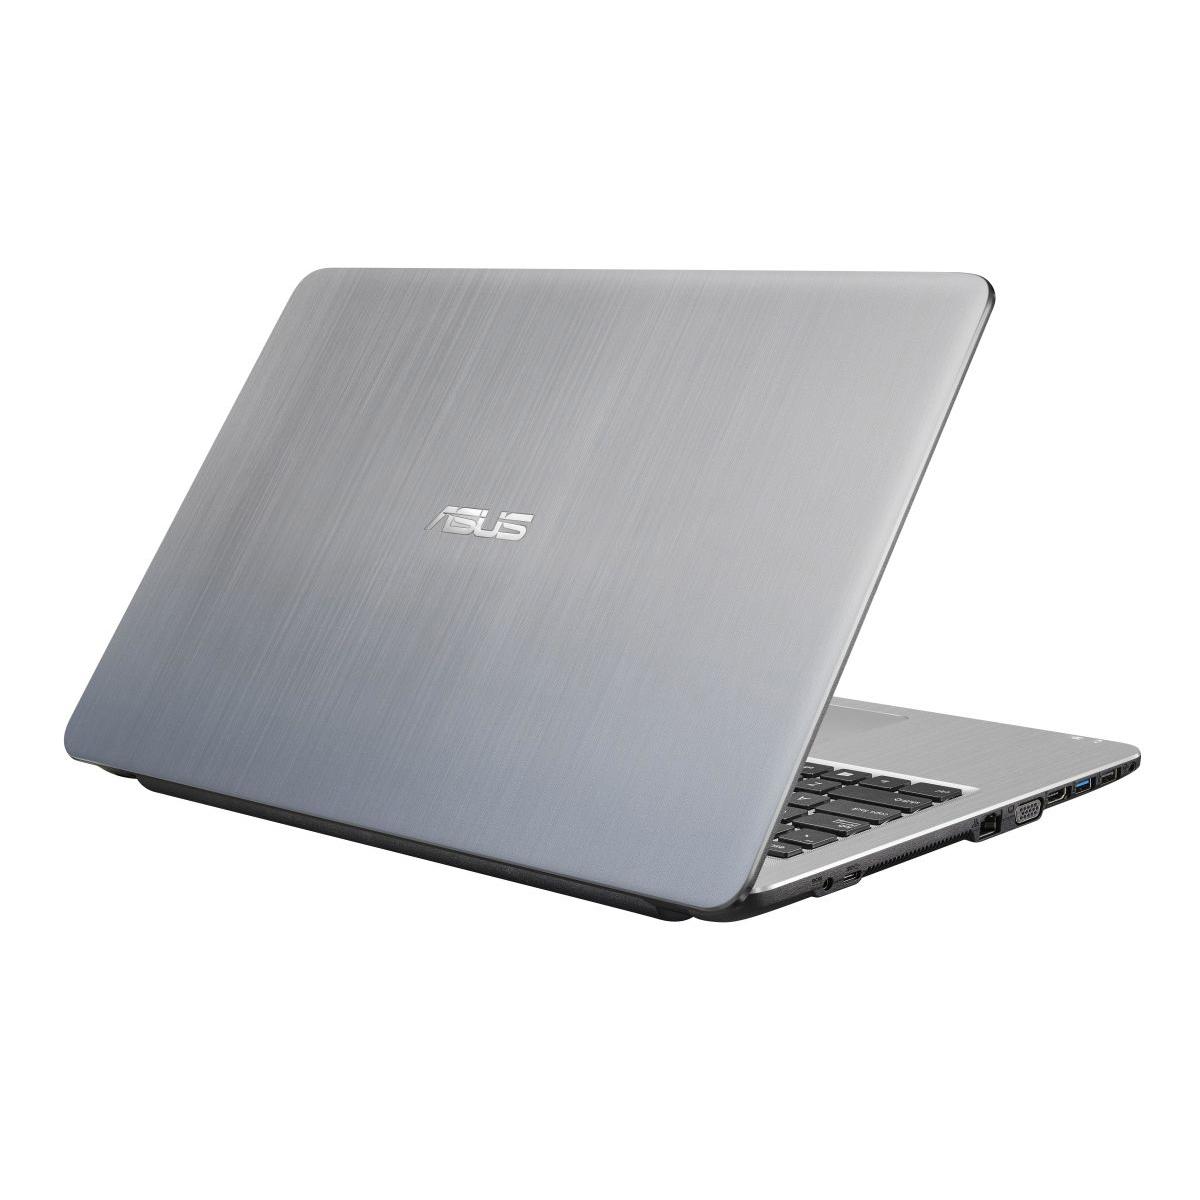 NOTEBOOK ASUS F540UA-GQ1795 I3 7020U 2.30GHz 3M 4G HD 1T VGA INTEL 15.6 SILVER ,Laptop Pc